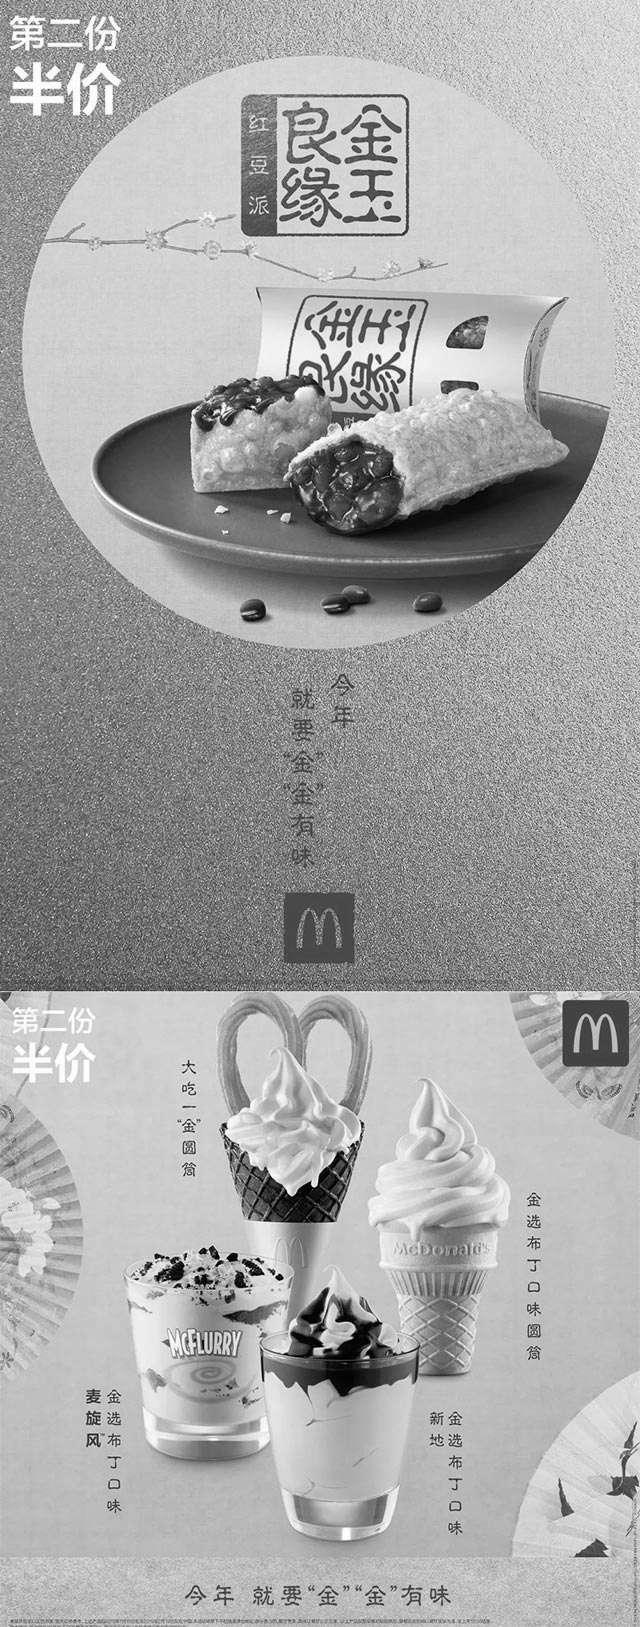 """黑白优惠券图片:麦当劳第二份半价系列,红豆派、大吃一""""金""""圆筒、布丁口味圆筒/新地/麦旋风 - www.5ikfc.com"""